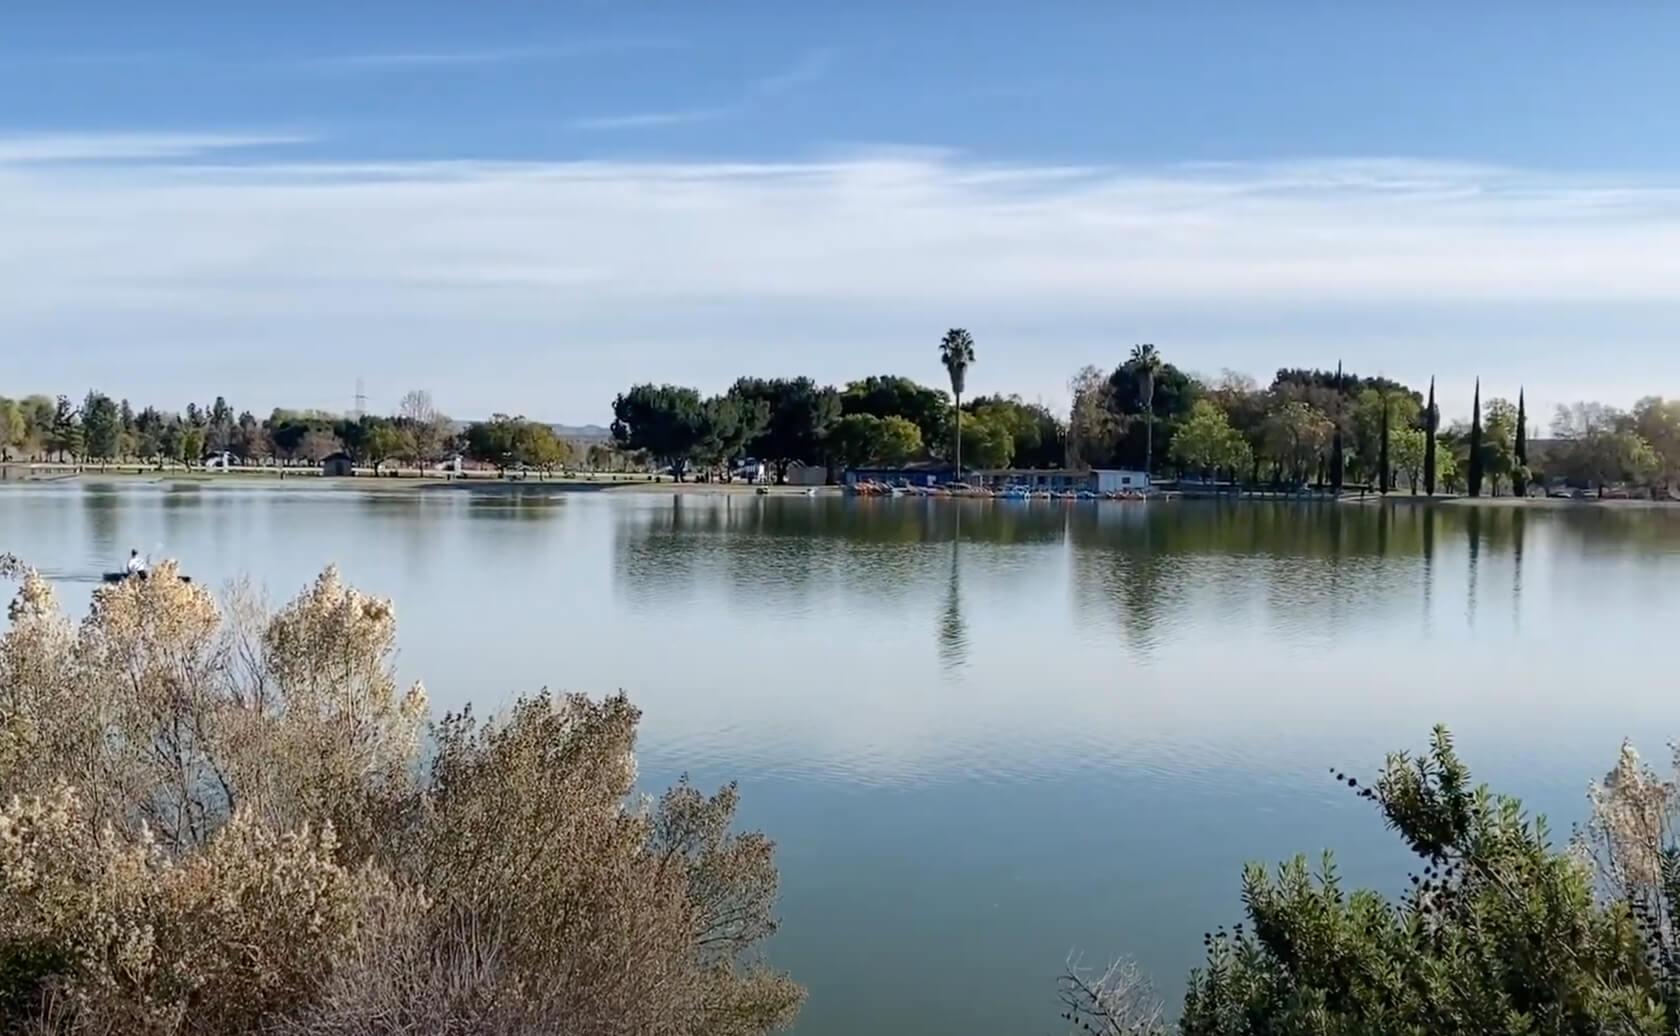 Santa-Fe-Dam-Lake-fishing-guide-report-Baldwin-Park-CA-01